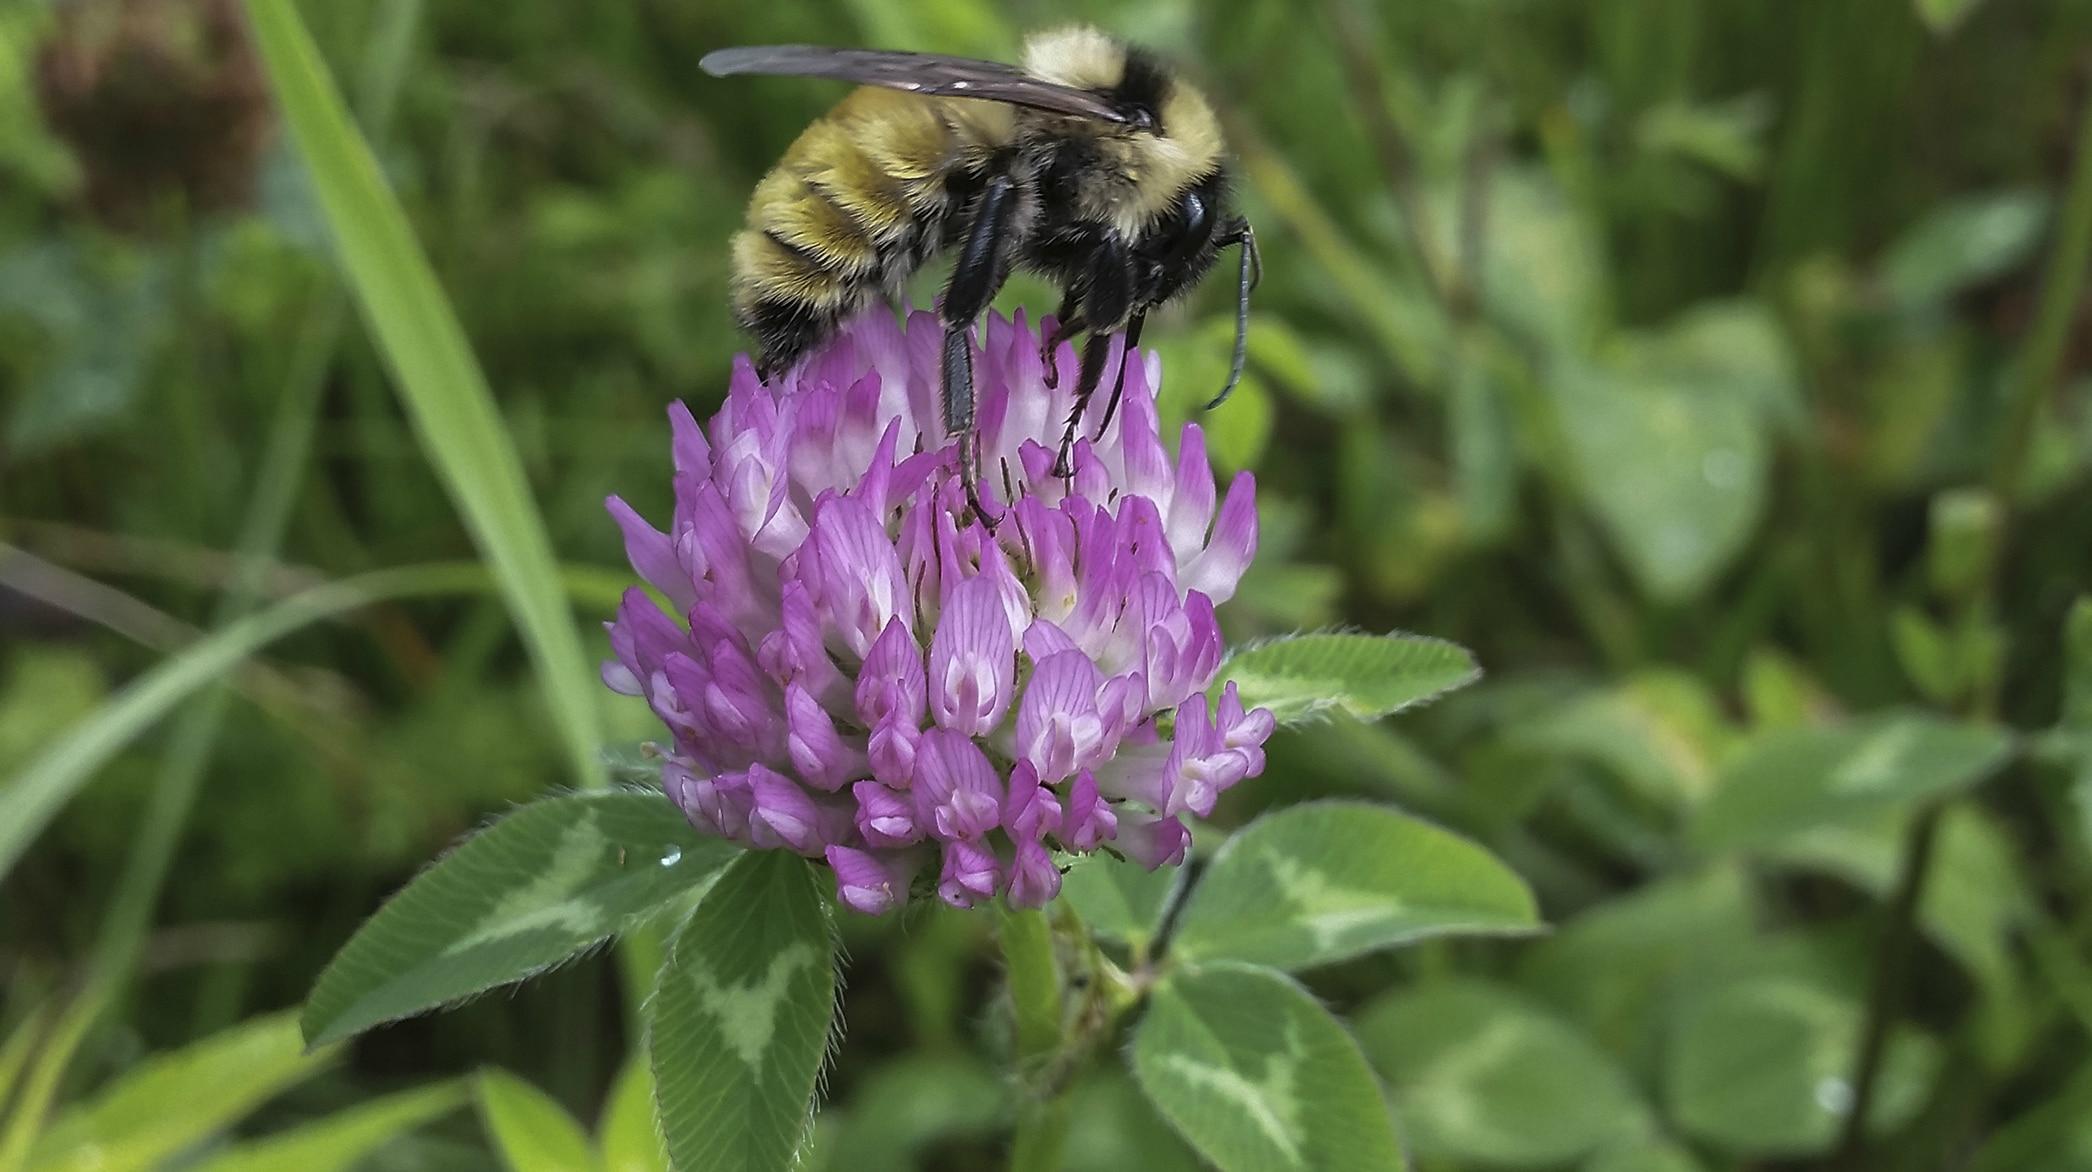 Golden northern bumblebee